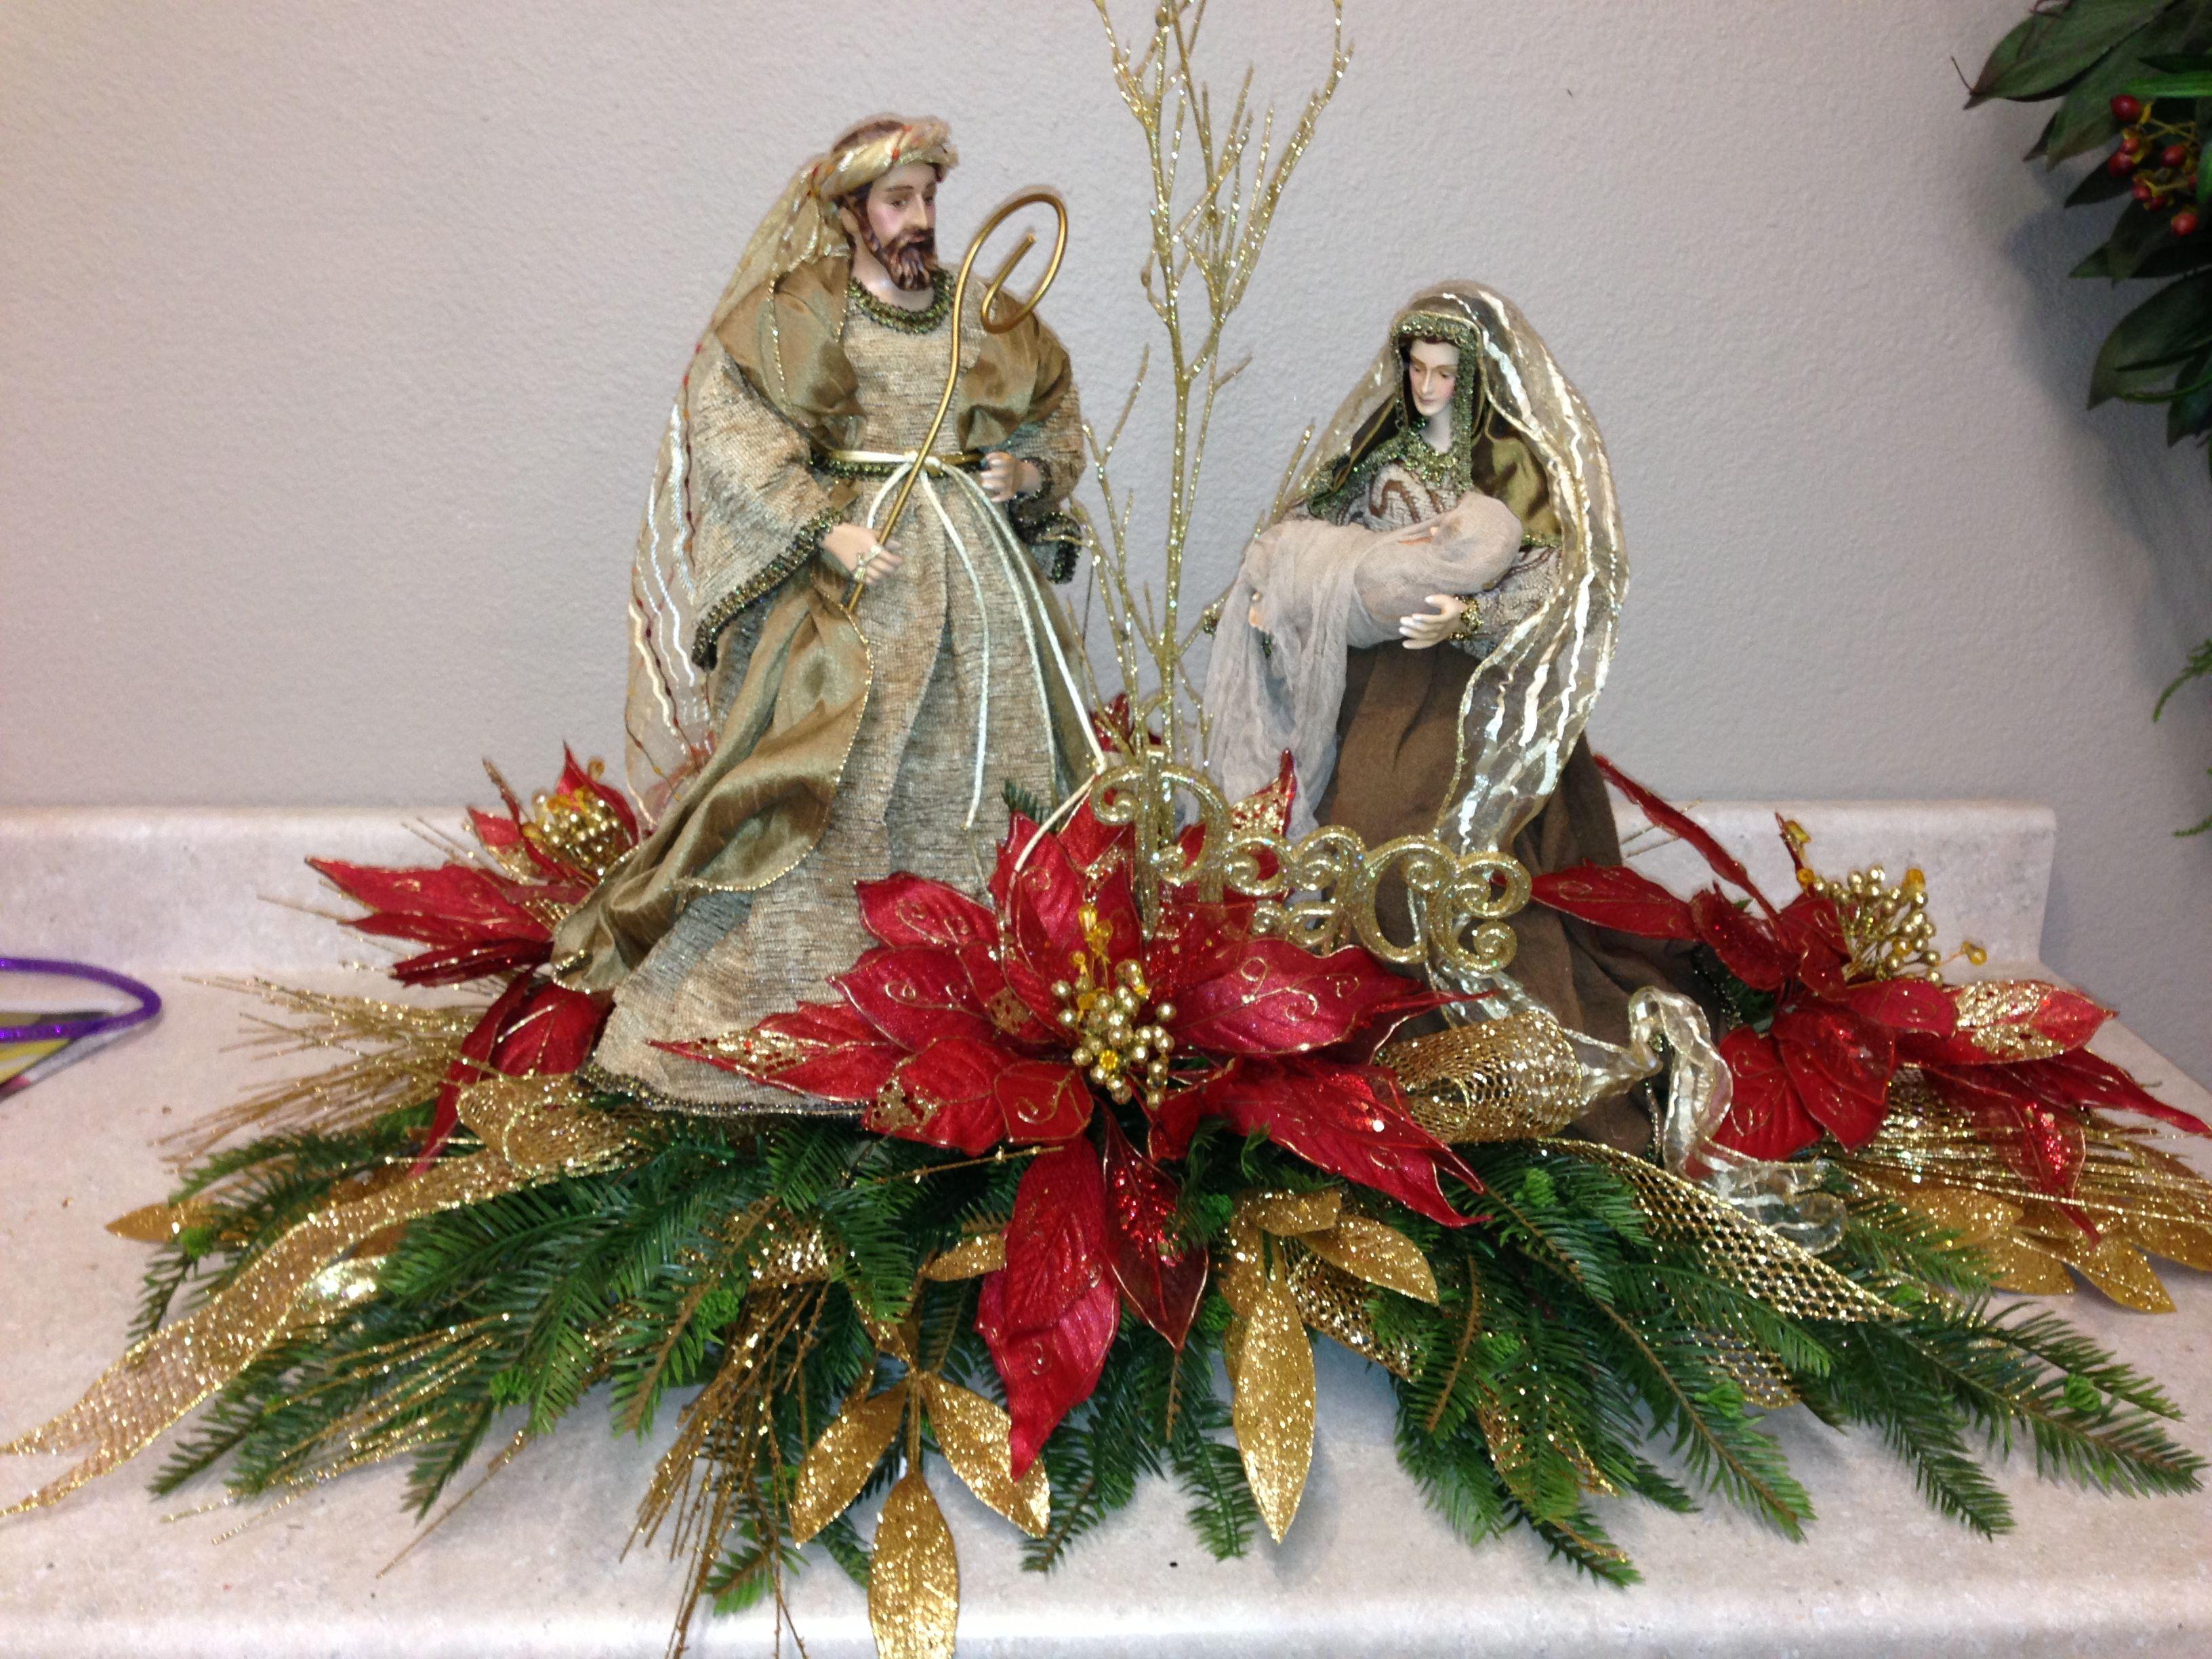 Hermoso pesebre navidad pinterest pesebre navidad y - Arreglos navidenos para mesa ...